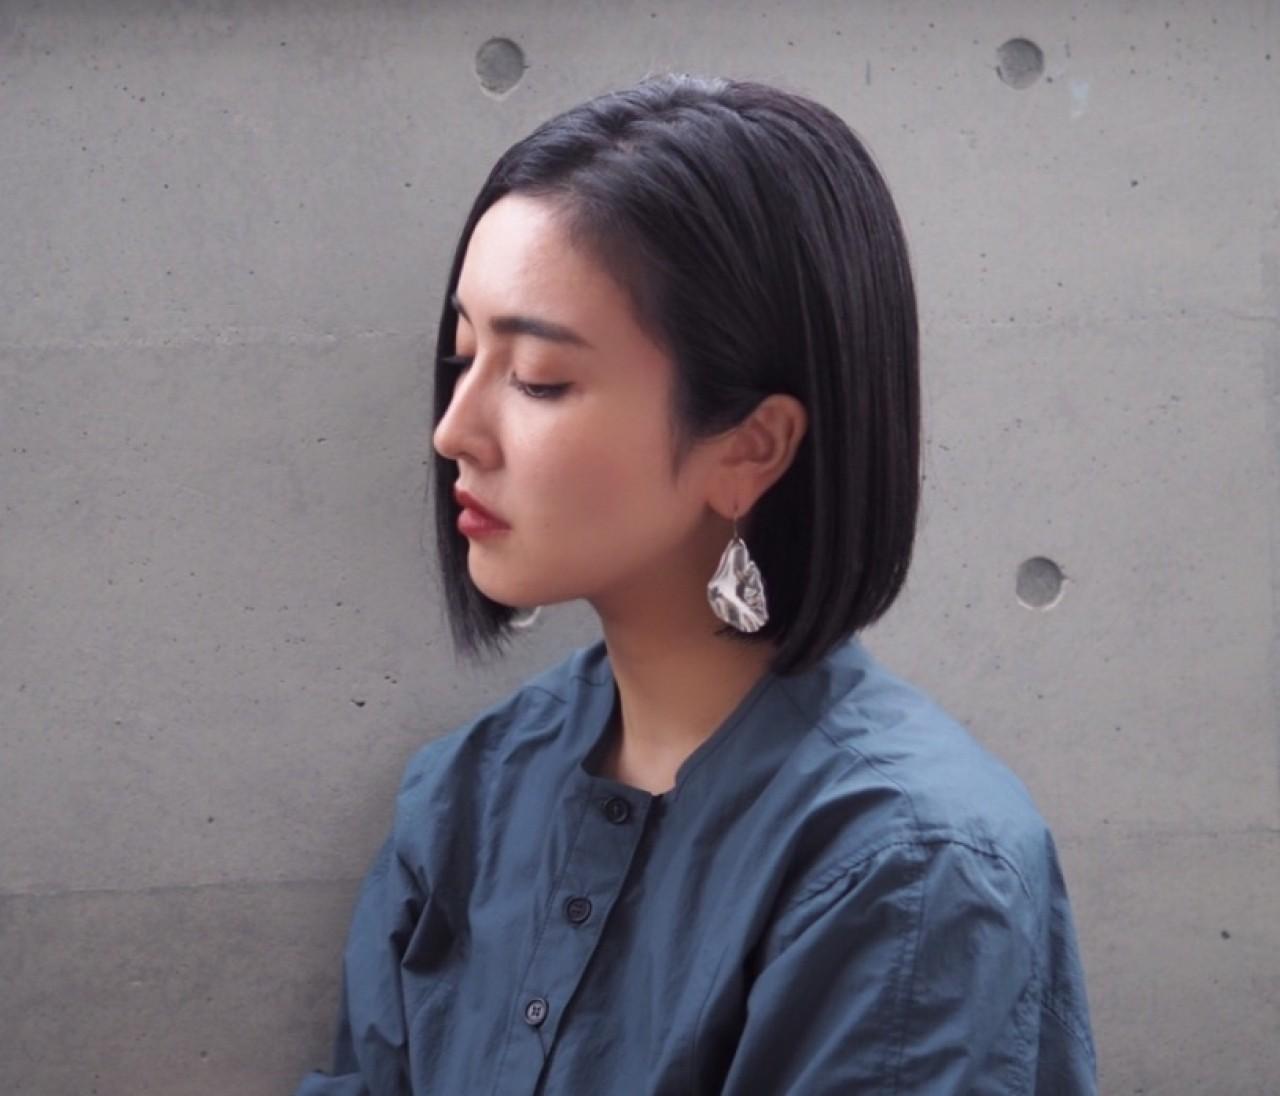 【iHerbアイテムも!】髪質改善もできるヘアオイル&トリートメントでアラサーヘアケア